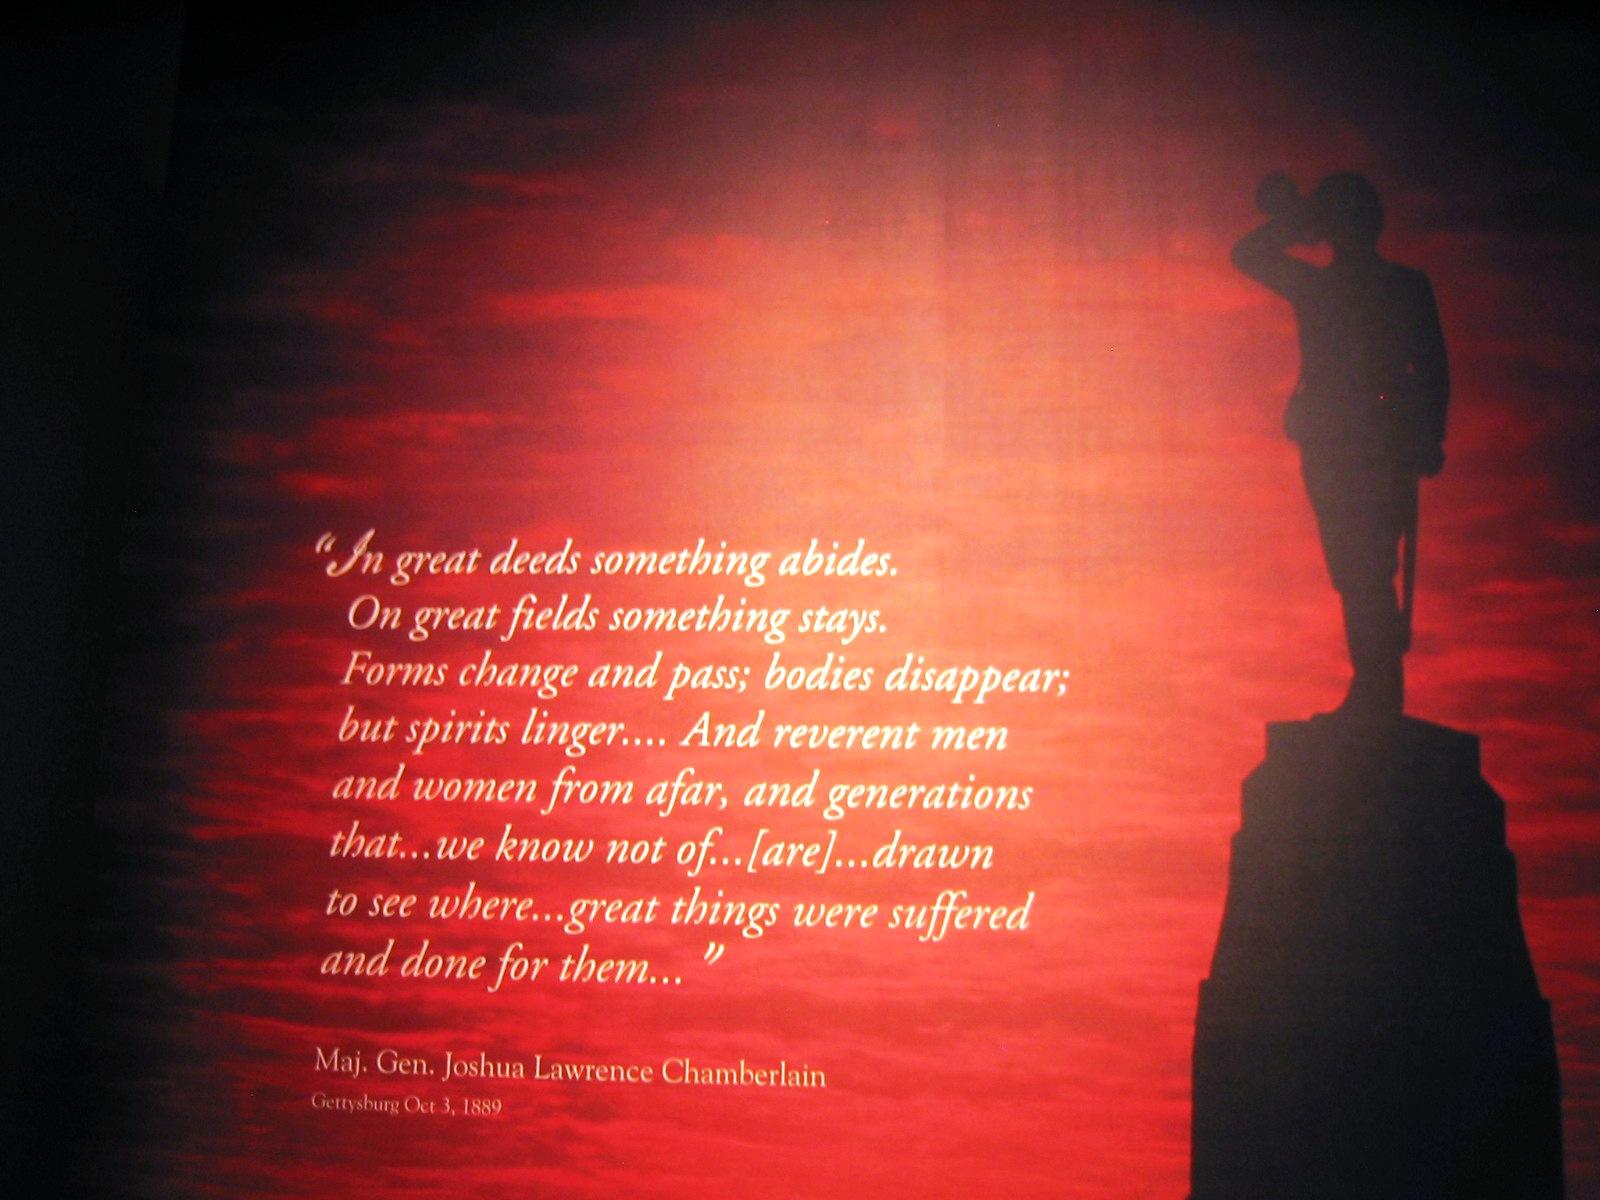 Joshua Chamberlain's quote #8